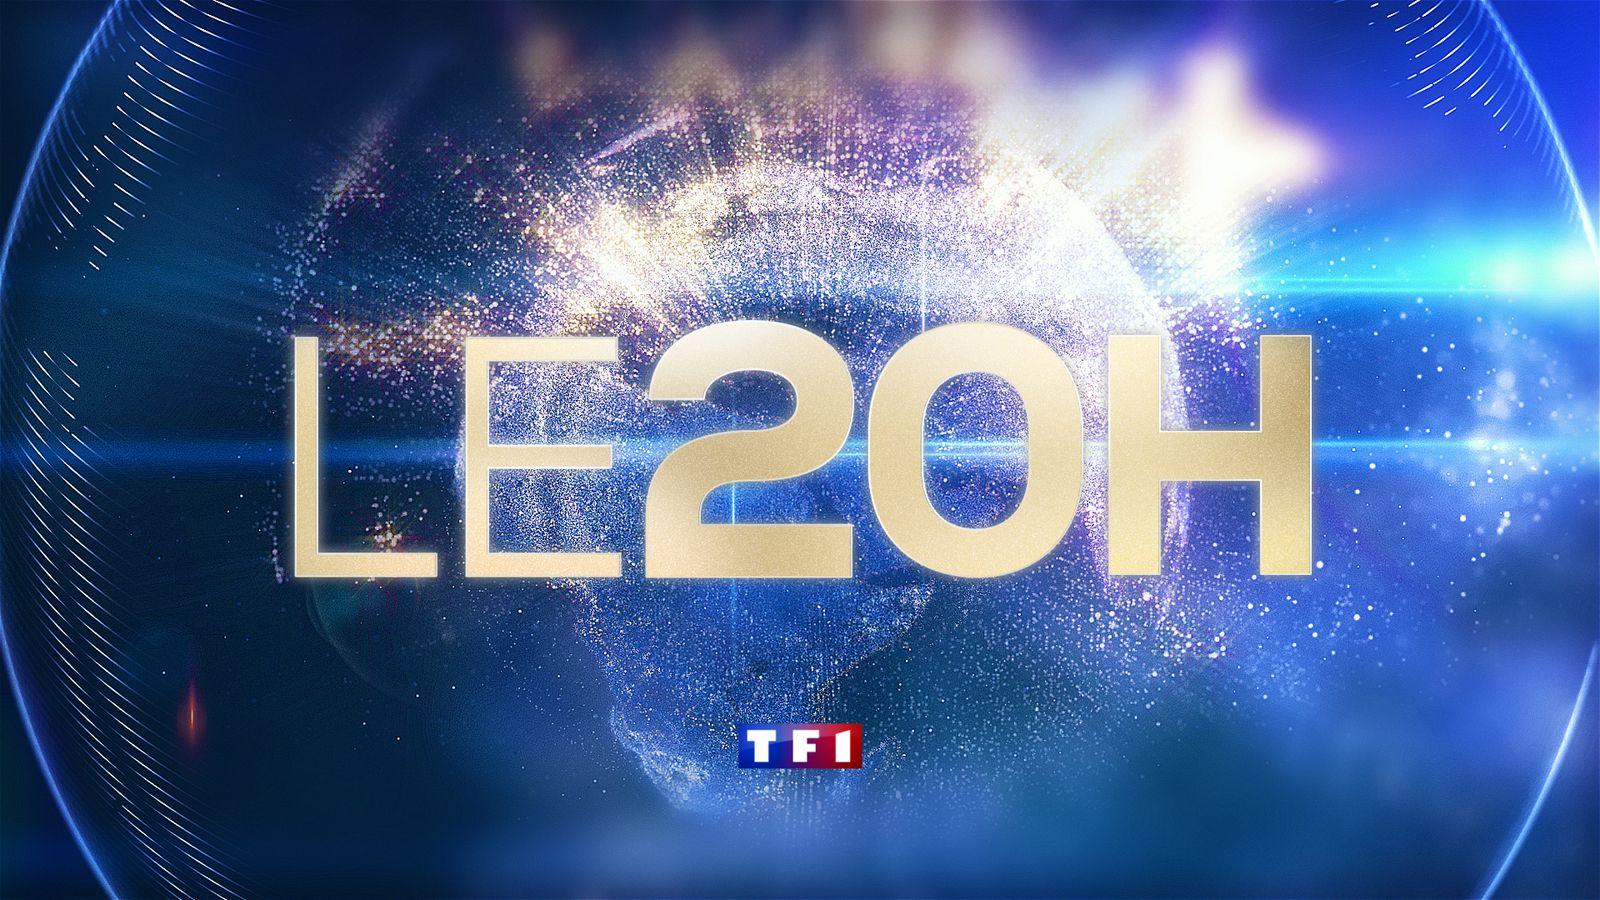 Le Ministre des Solidarités et de la Santé invité du 20H de TF1 ce dimanche, puis de Jean-Jacques Bourdin lundi matin.